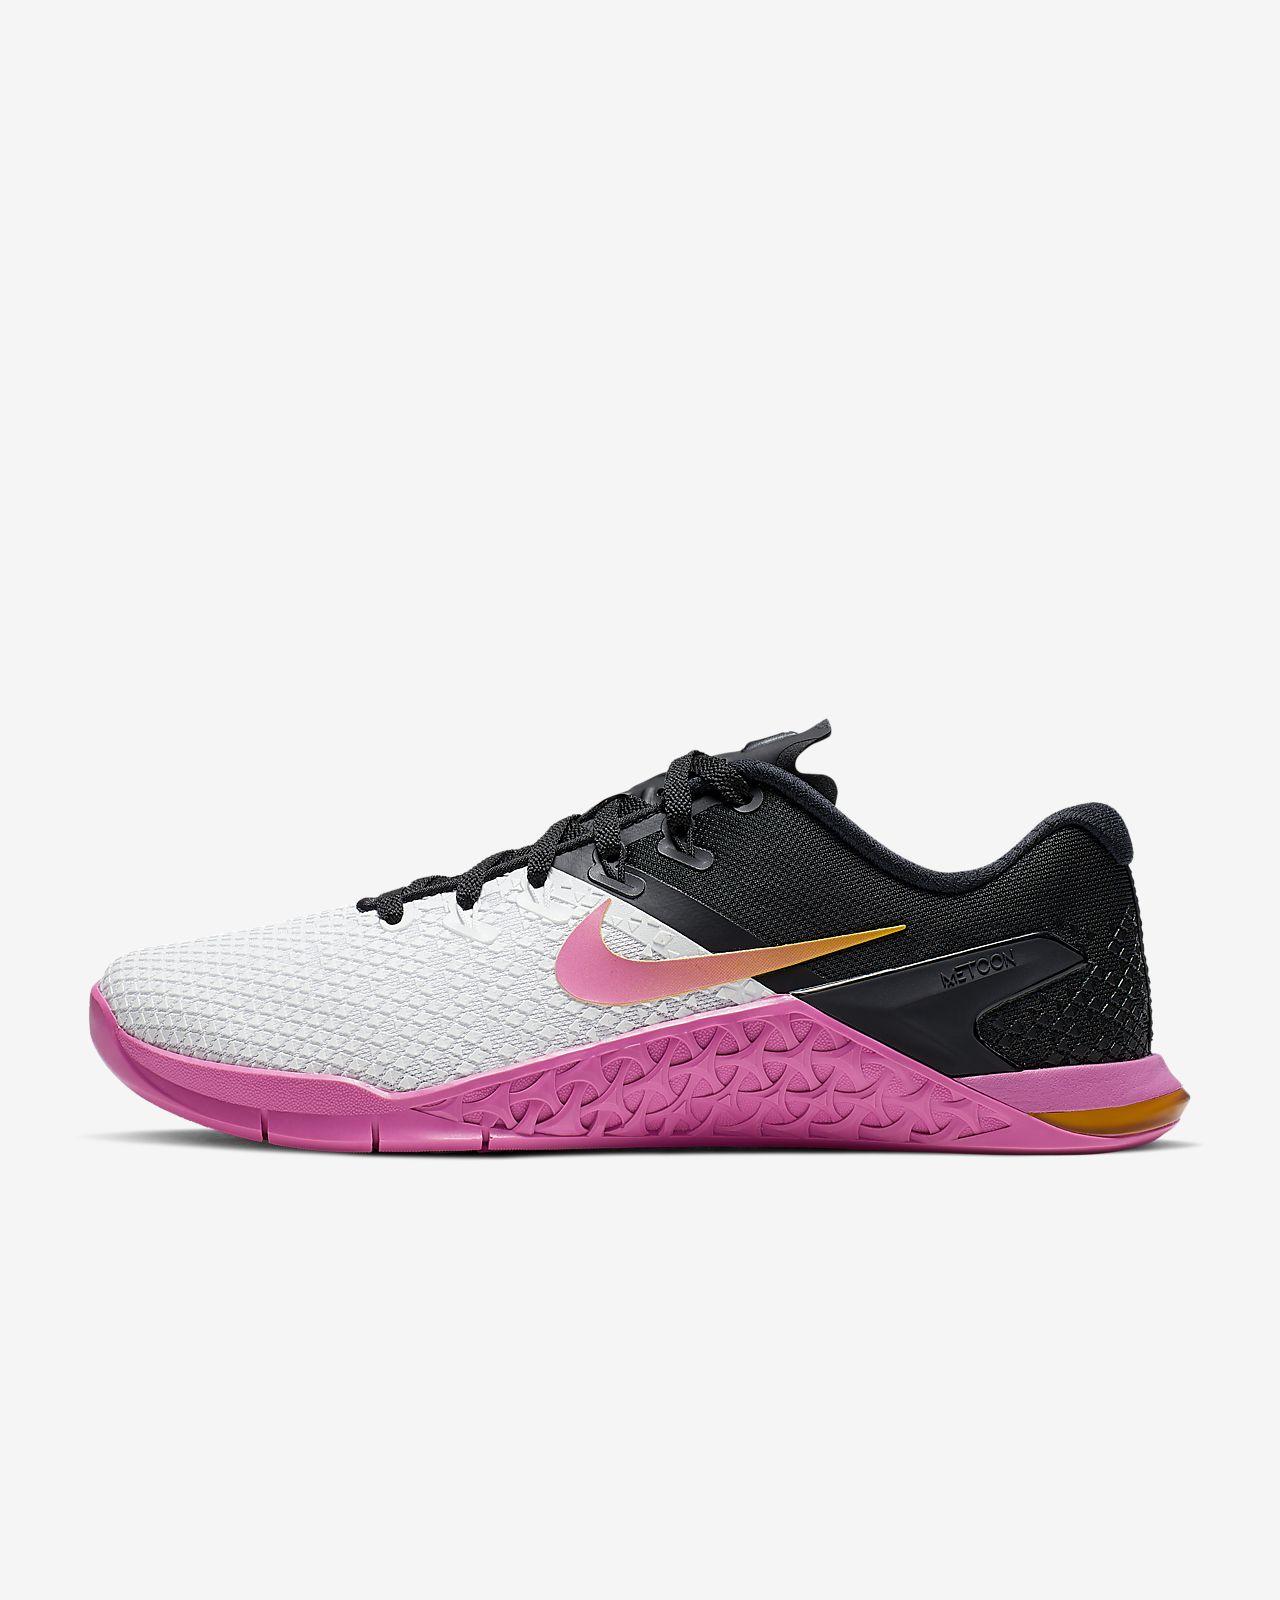 231d2e31a ... Sapatilhas de cross-training halterofilismo Nike Metcon 4 XD para mulher